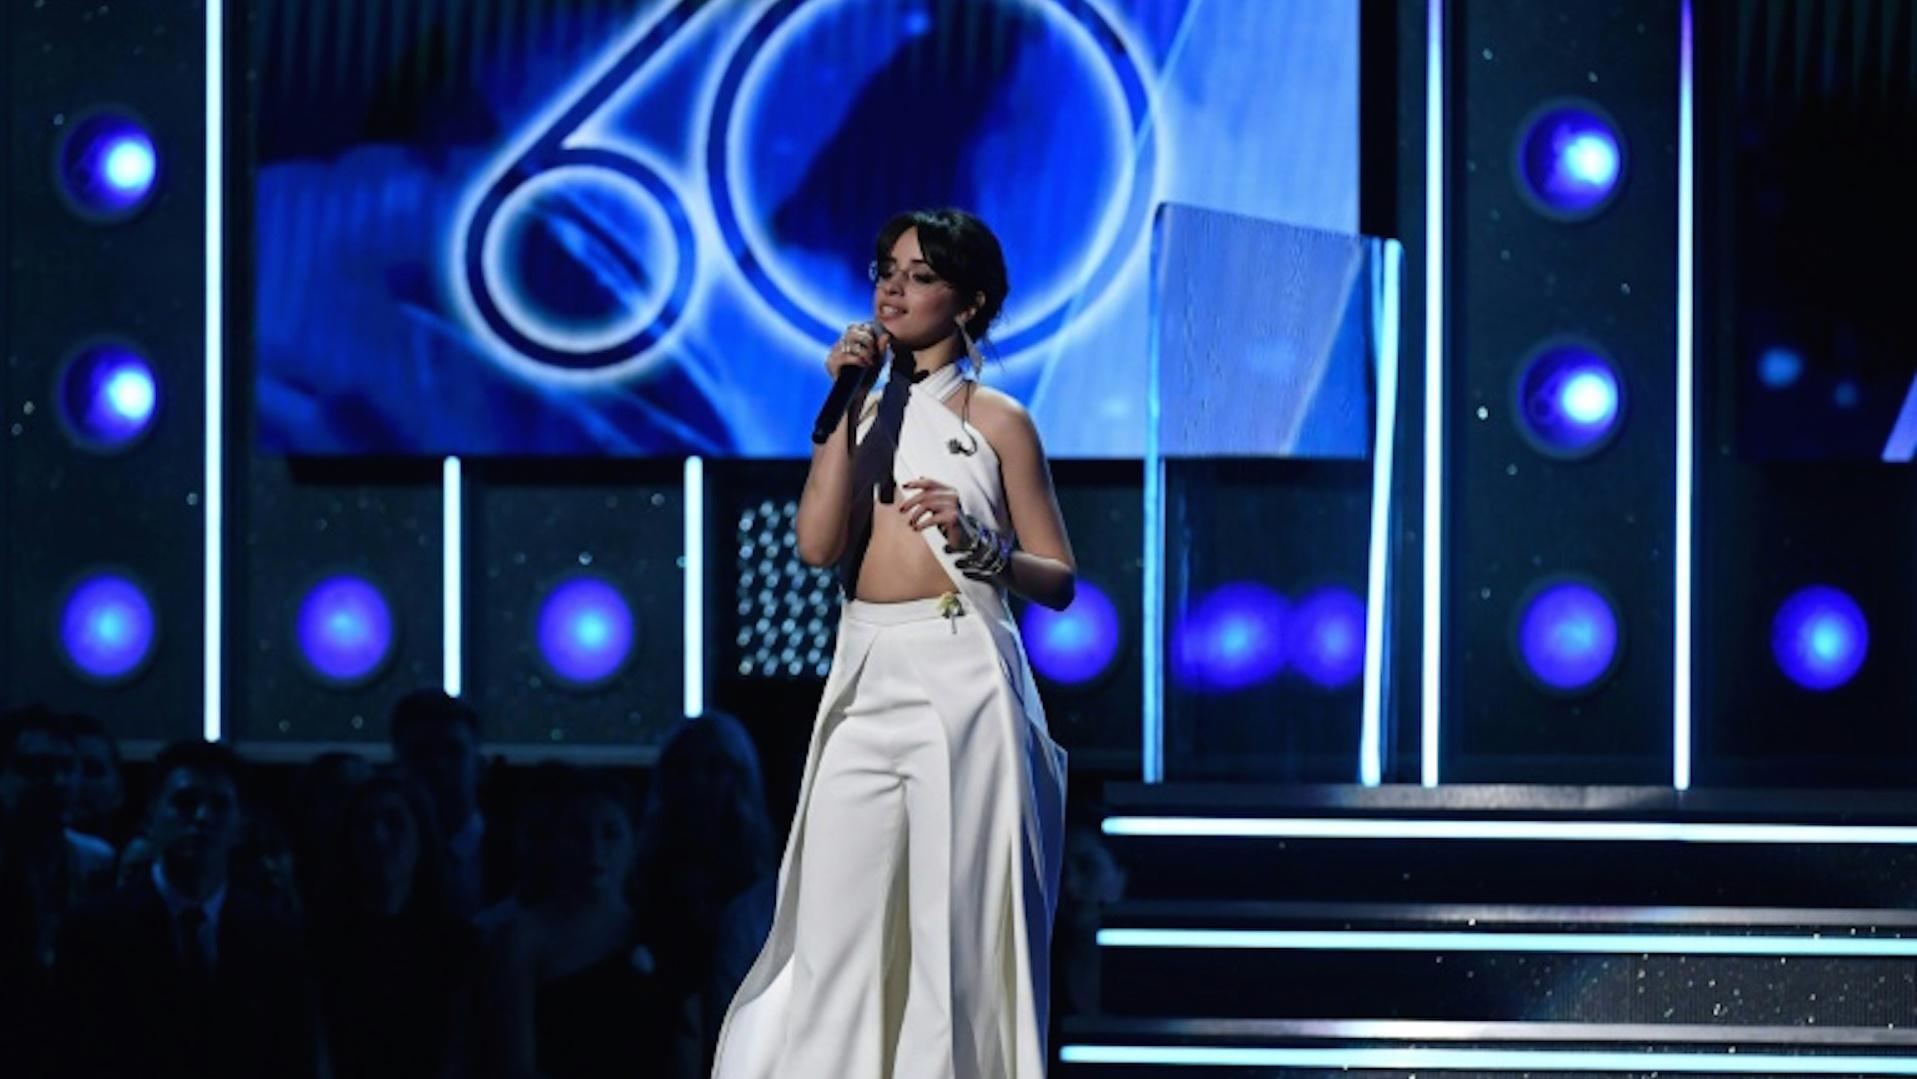 Cabello destacó su interés en ser la voz de los inmigrantes que no son escuchados, tal y mostrar su respaldo a los jóvenes indocumentados que han crecido en EEUU